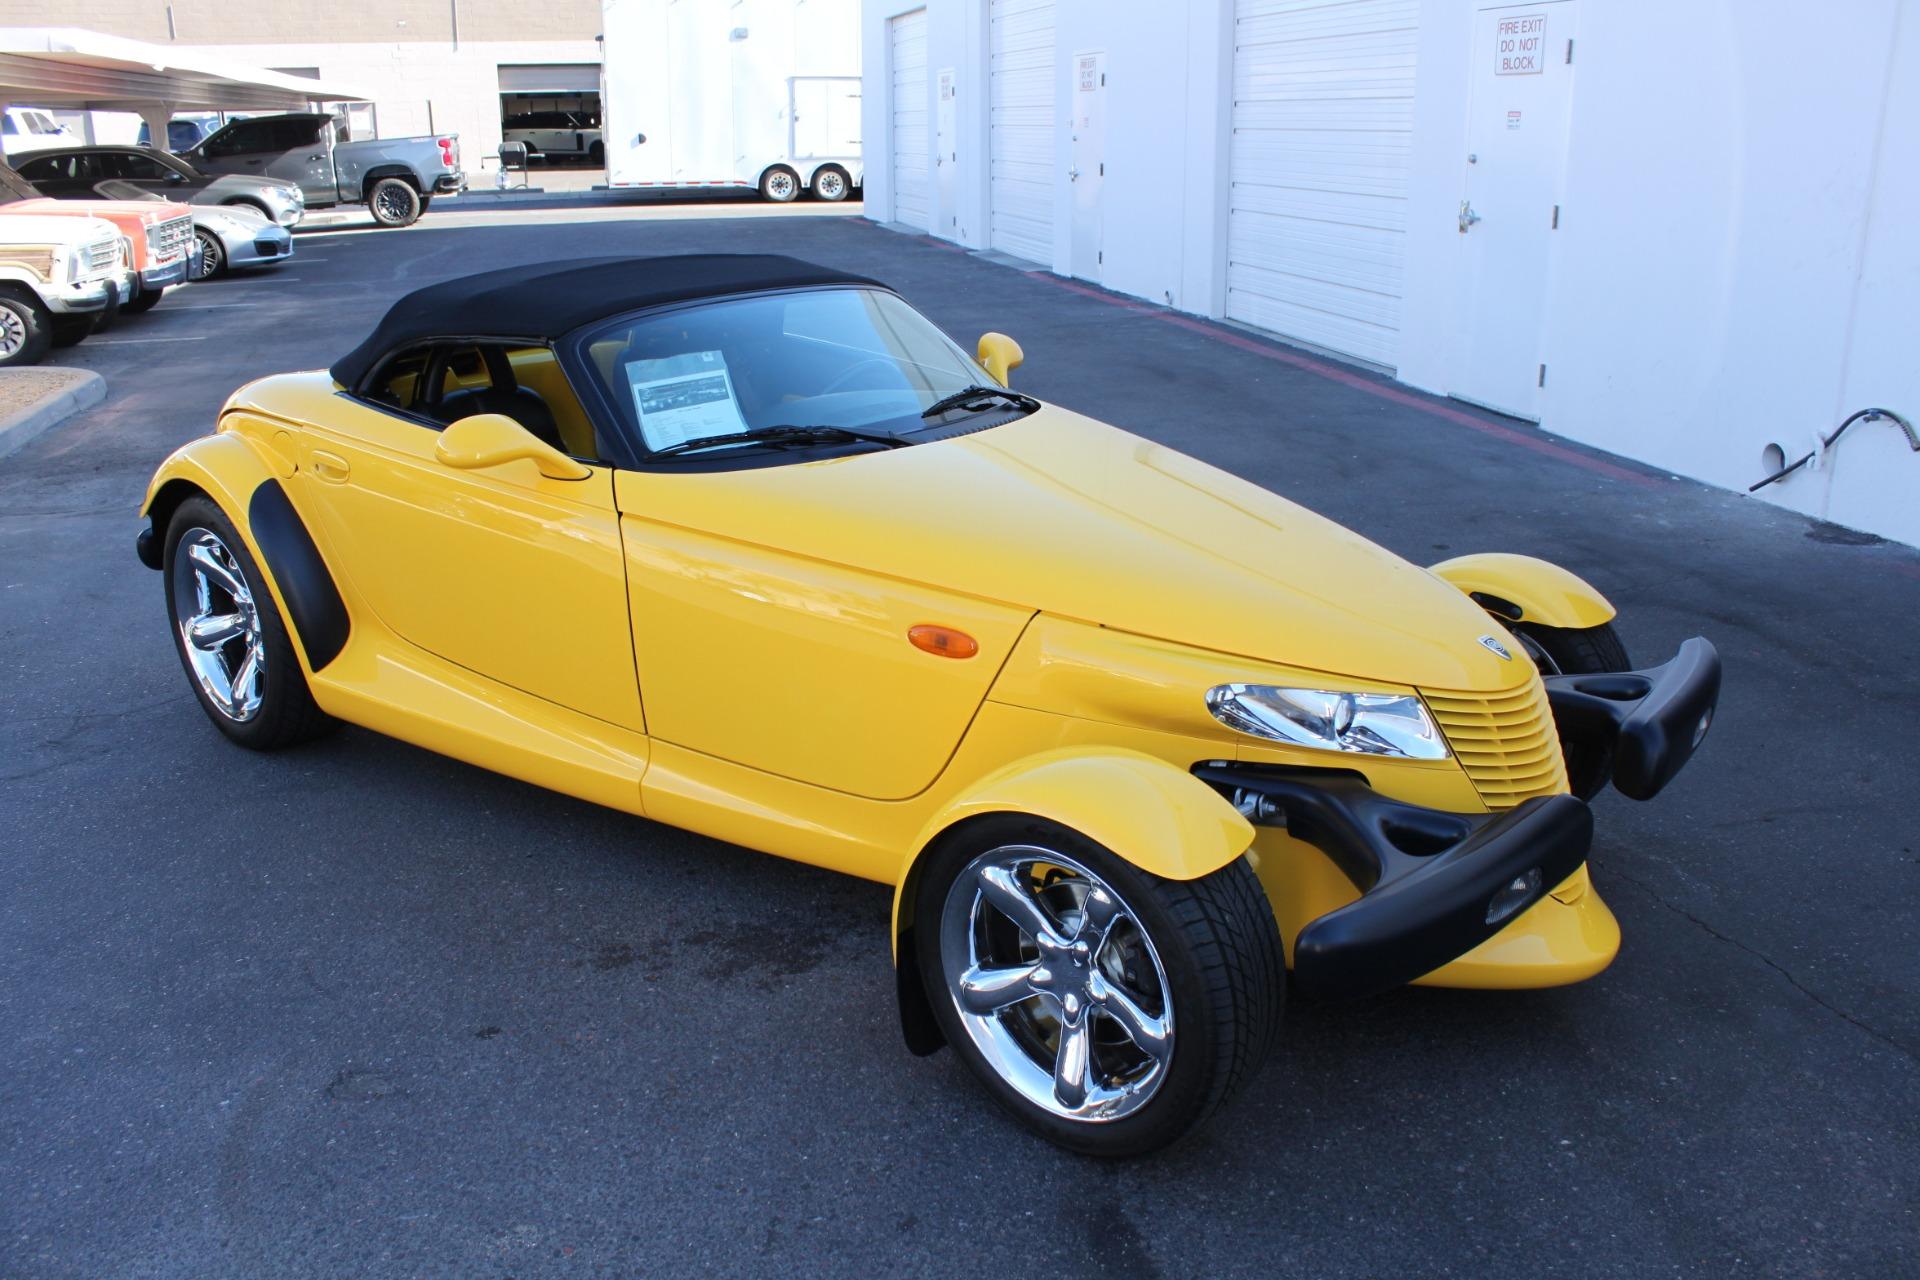 Used-2002-Chrysler-Prowler-Honda